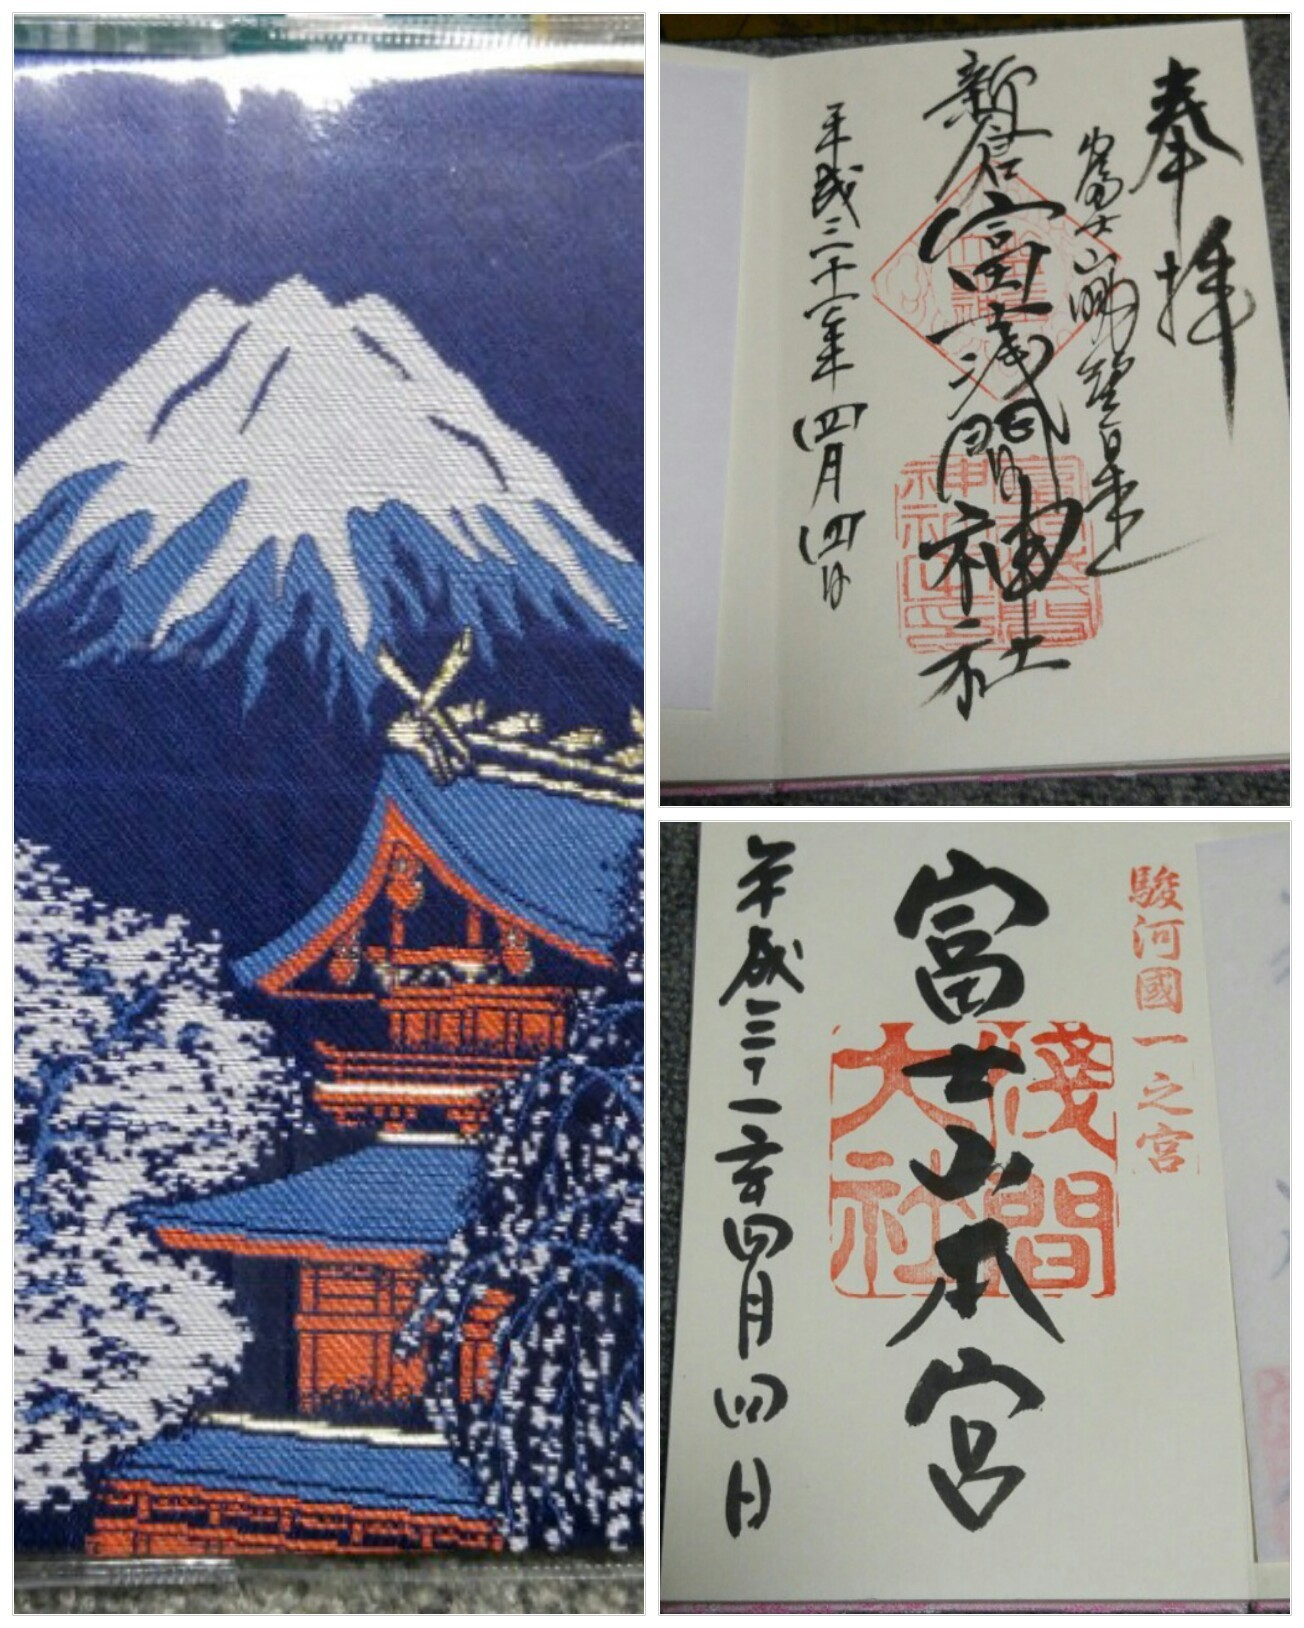 富士山を求めて(*^^*)_f0361132_14155512.jpg